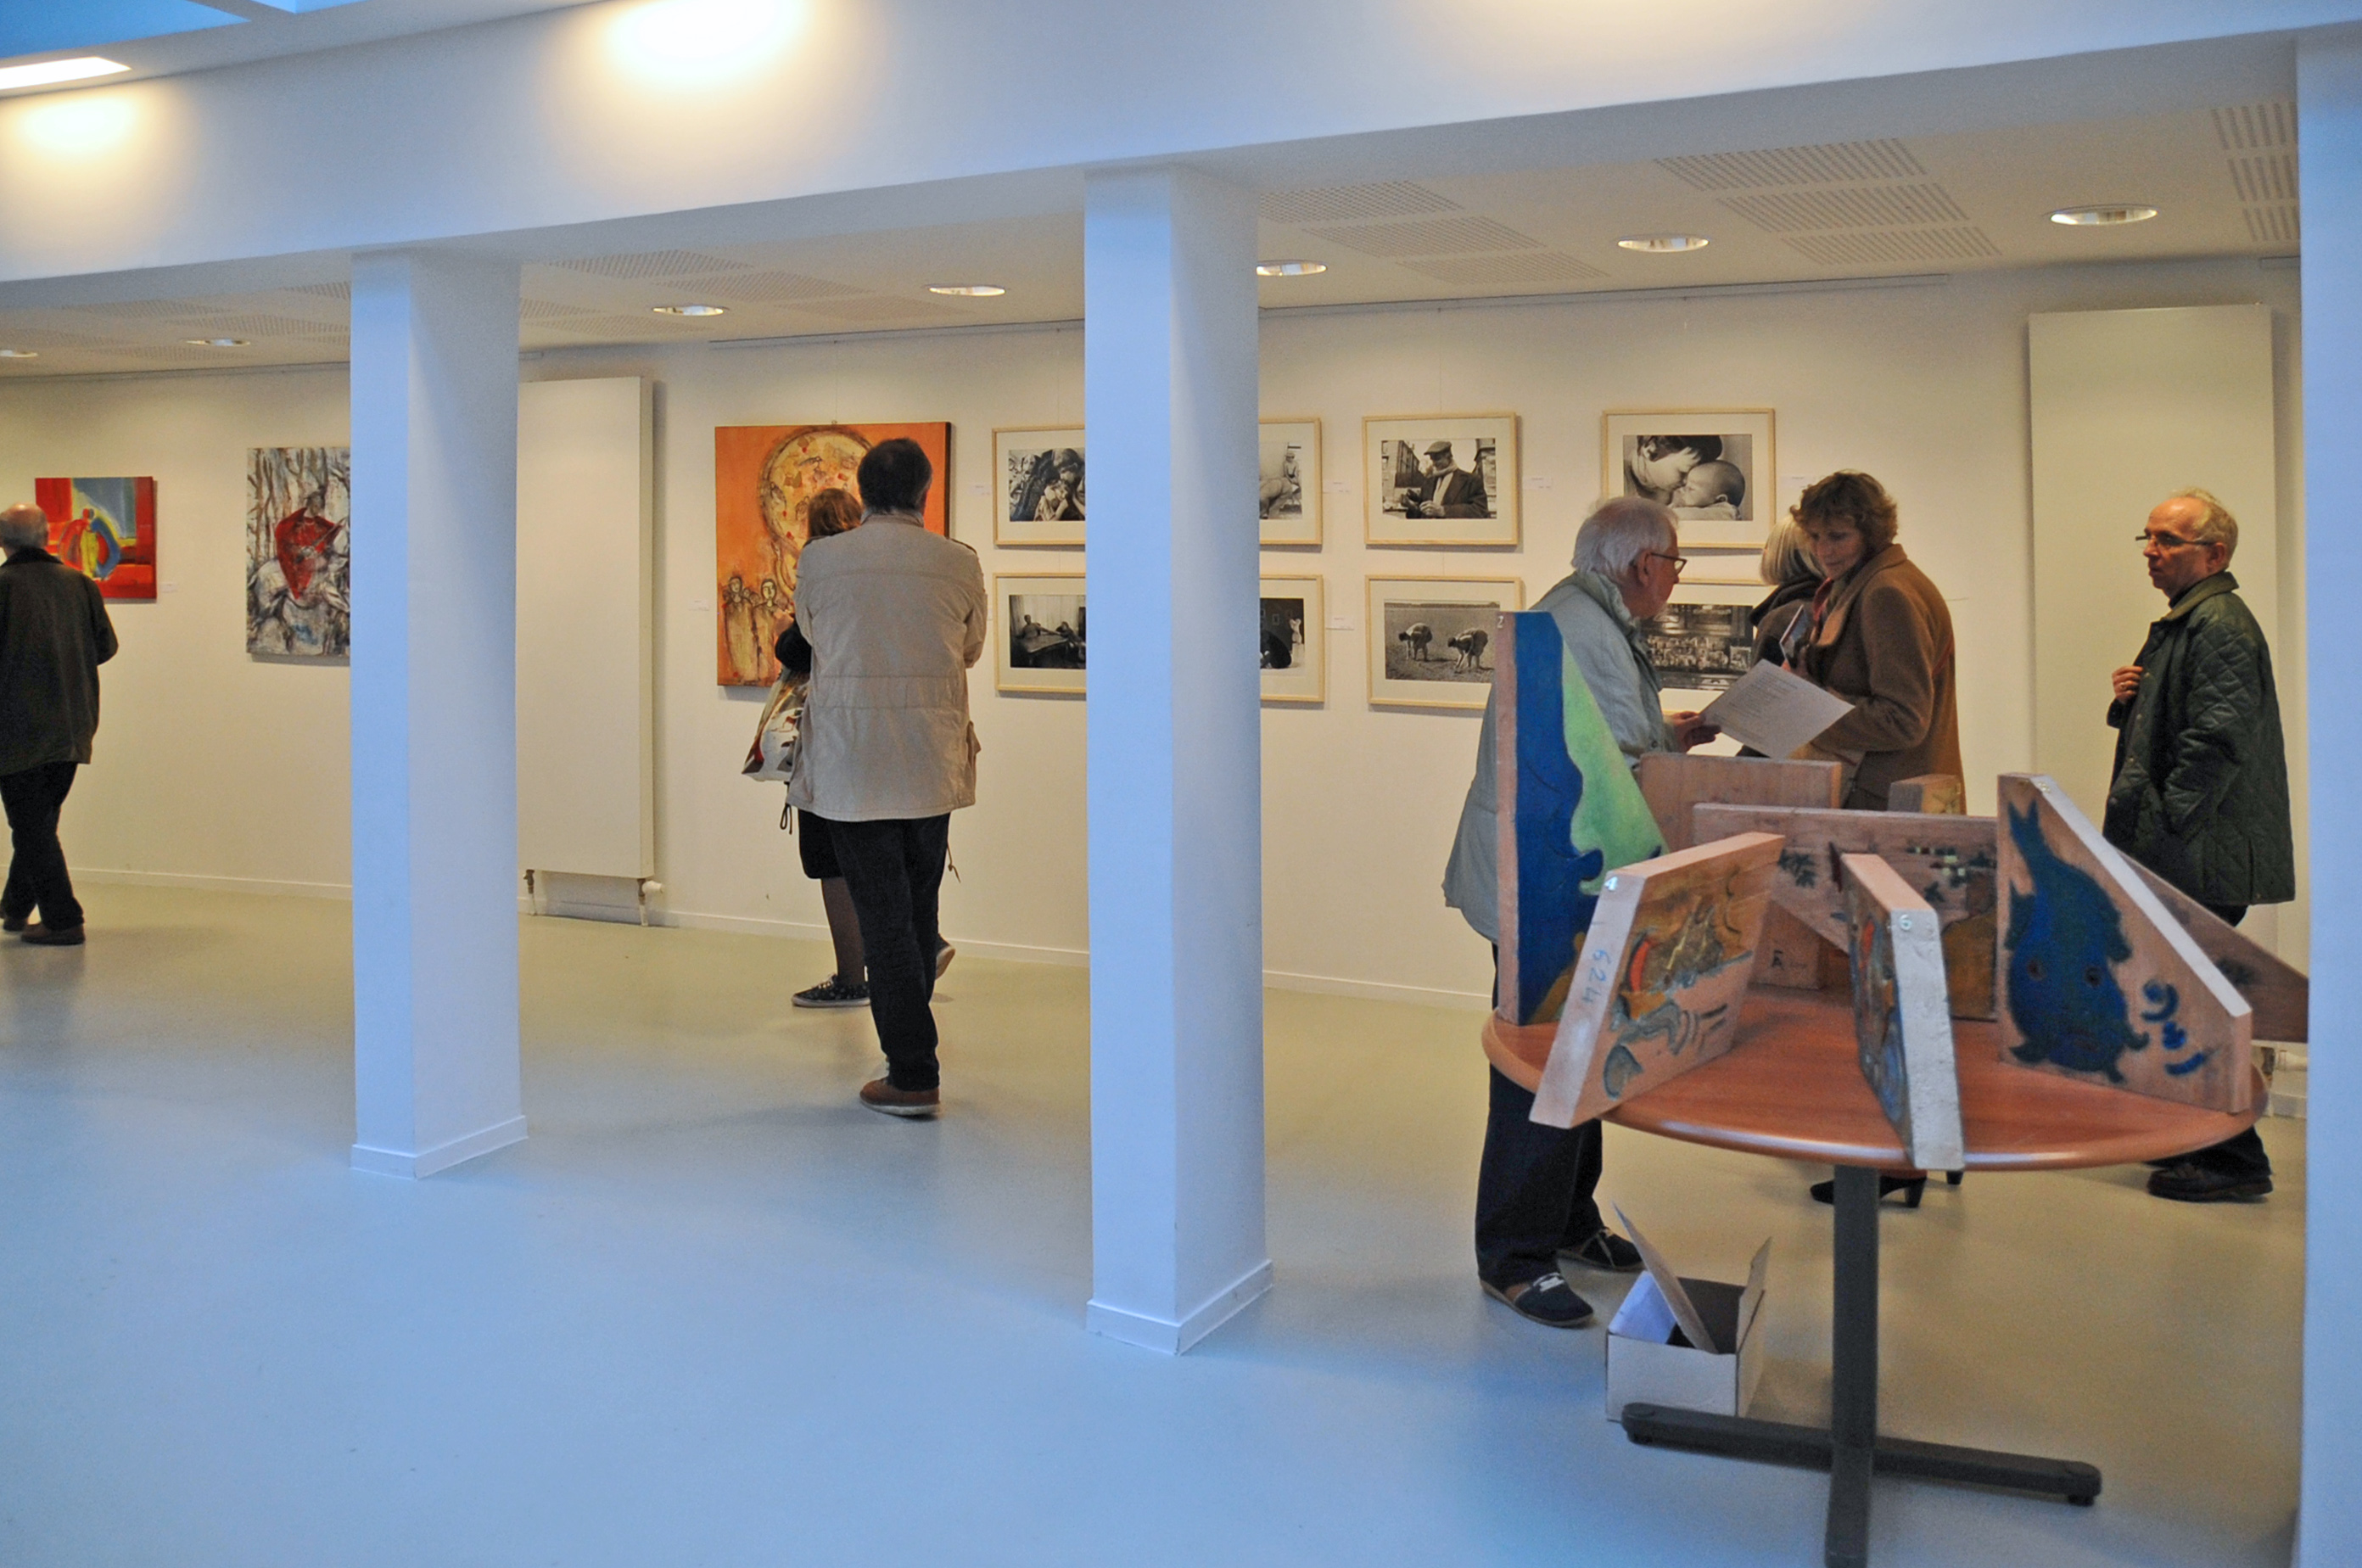 rencontre des arts st-jean sur richelieu 2011 Antony